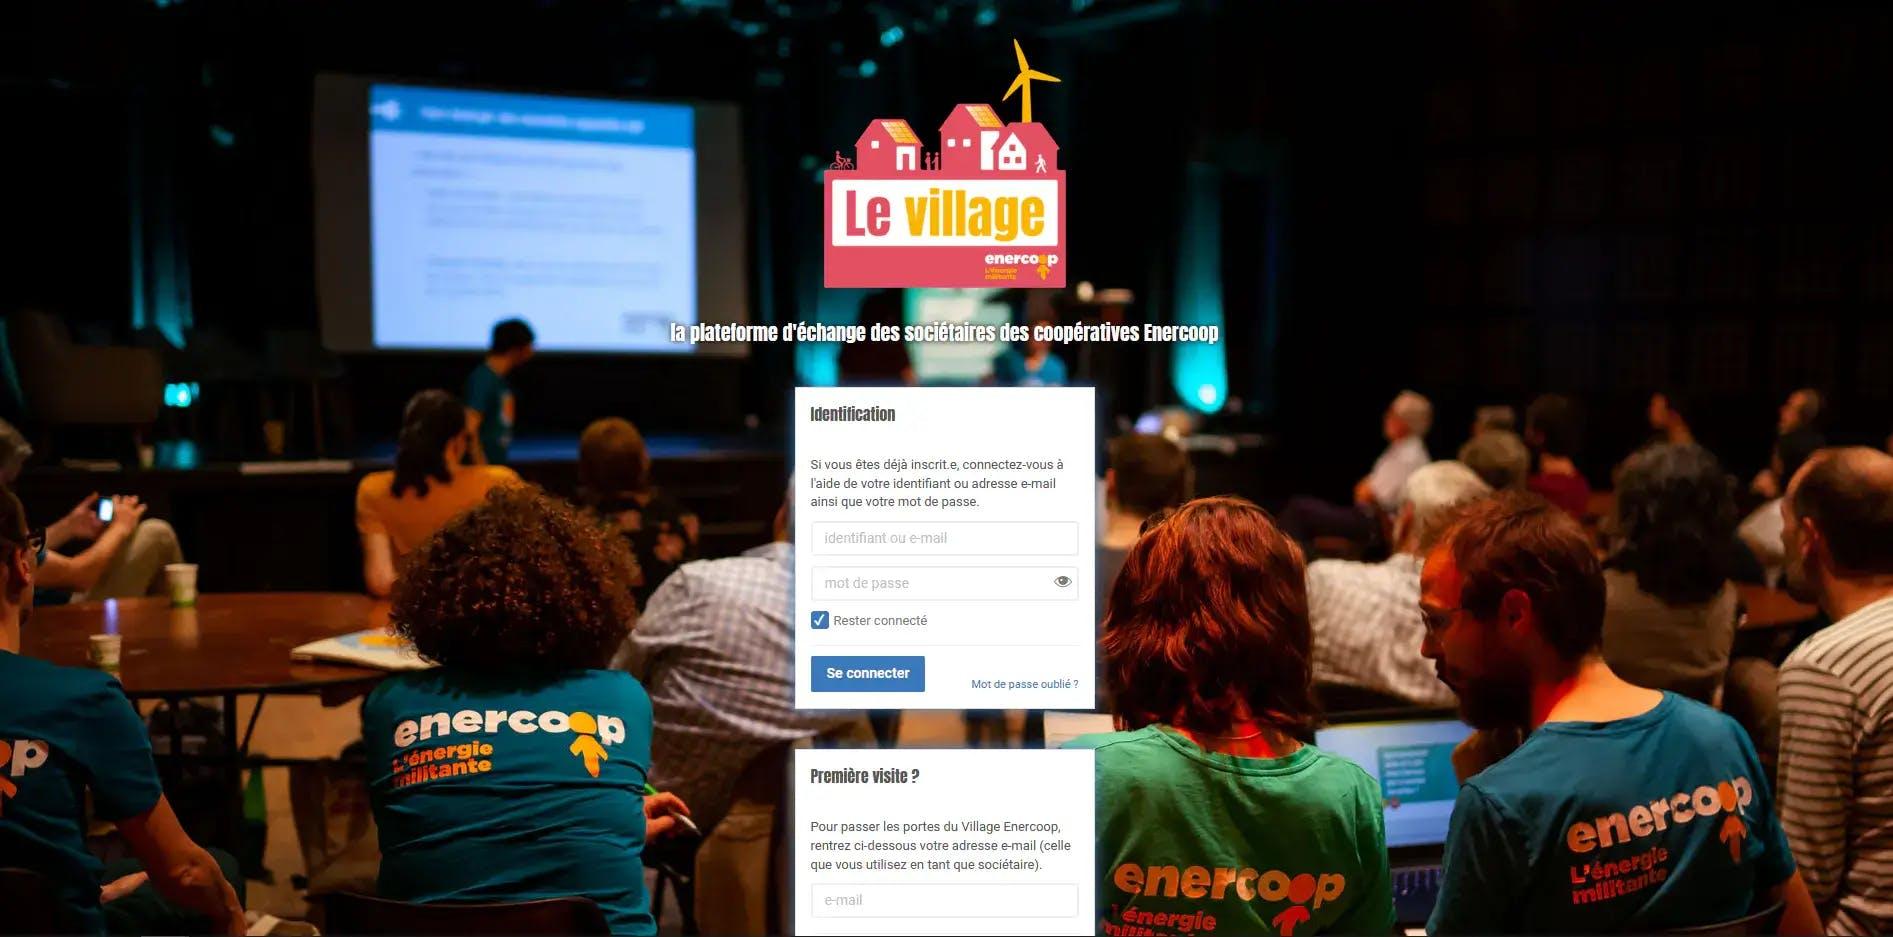 Enercoop Paca - Vie coopérative - Plateforme d'échange Village -  Page  d'Accueil